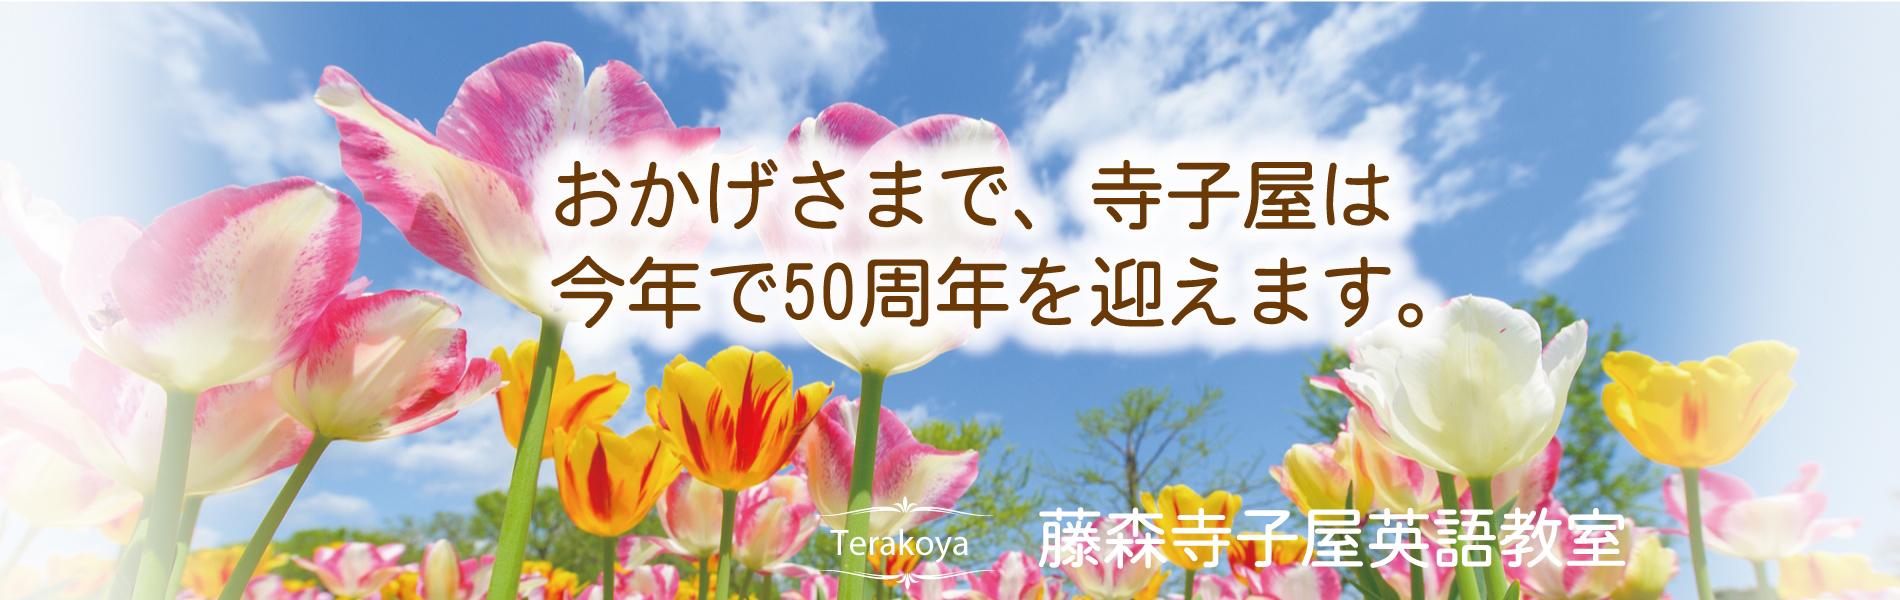 京都で英語に特化した学習塾・塾をお探しなら京都市伏見区の藤森寺子屋英語教室